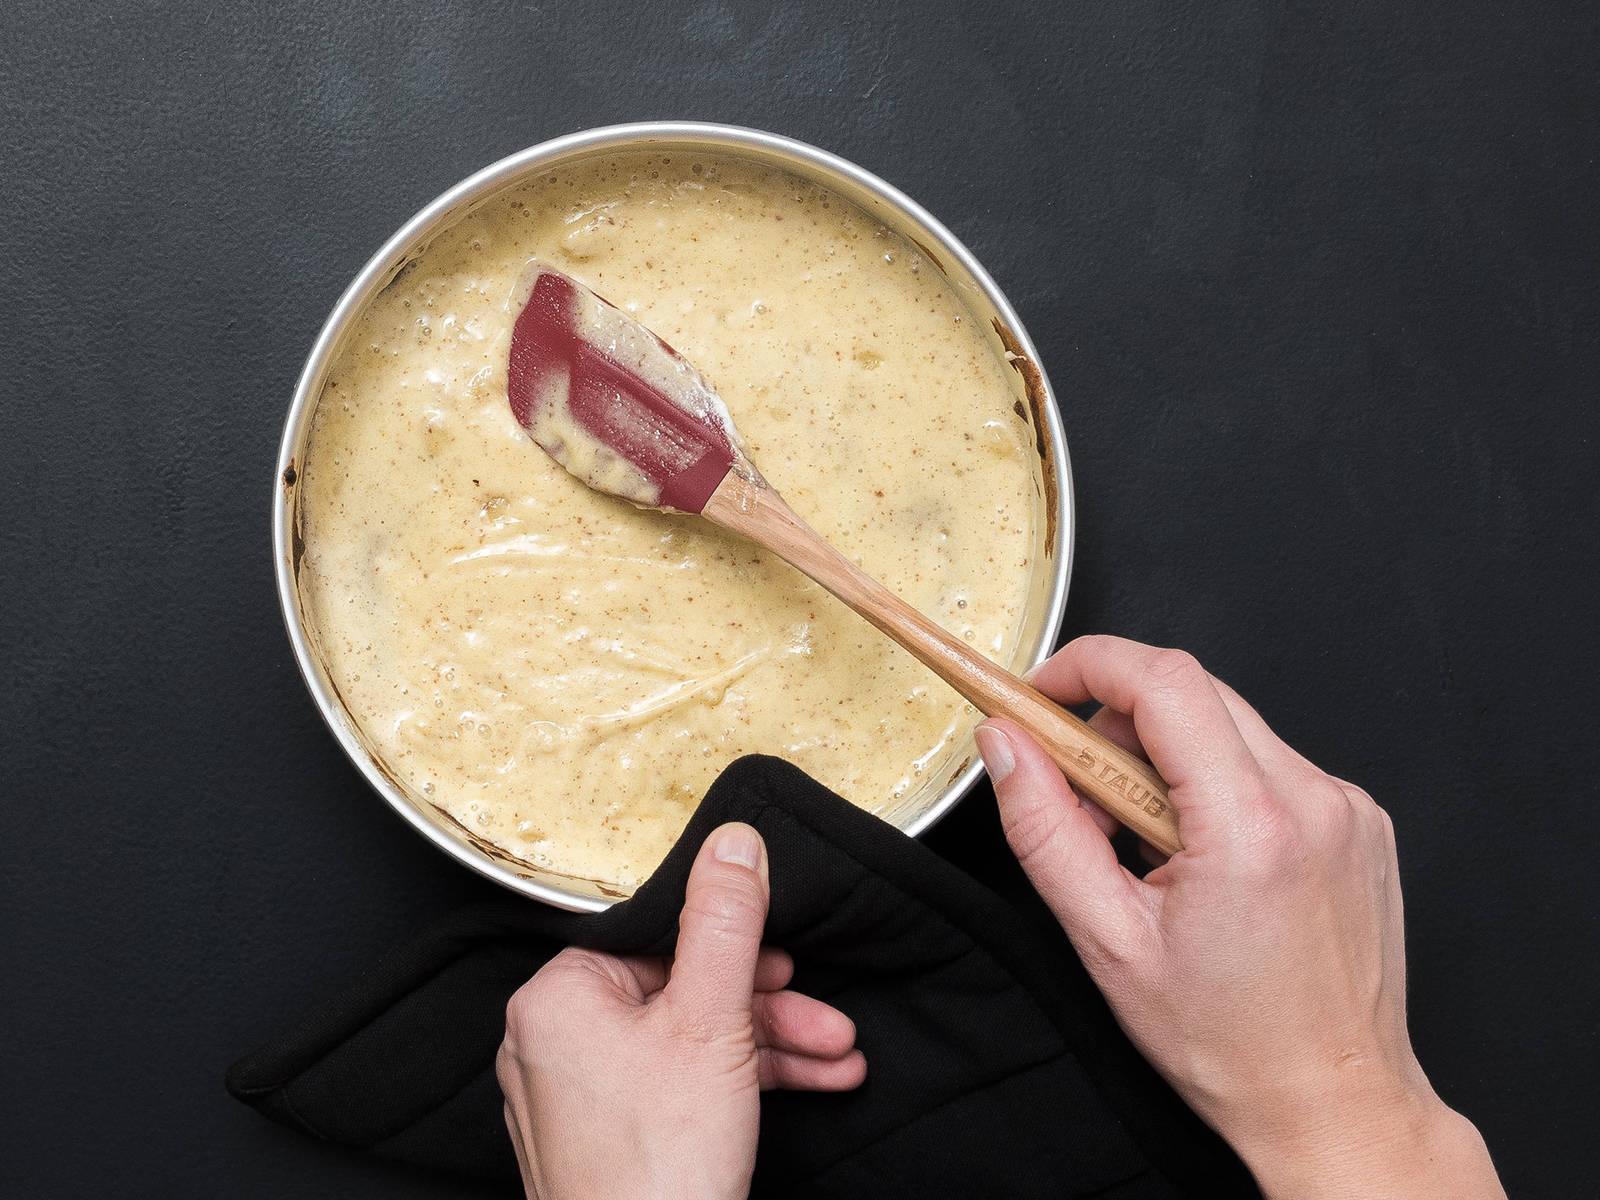 Etwas Teig in eine Backform mit Backpapier geben und eine dünne Schicht bis zum Rand hin verteilen. Bei 250°C für ca. 3 Min. goldbraun backen. Aus dem Ofen nehmen, eine weitere Schicht verteilen, glattstreichen und nochmals backen. So weiter verfahren, bis der gesamte Teig verbraucht ist.